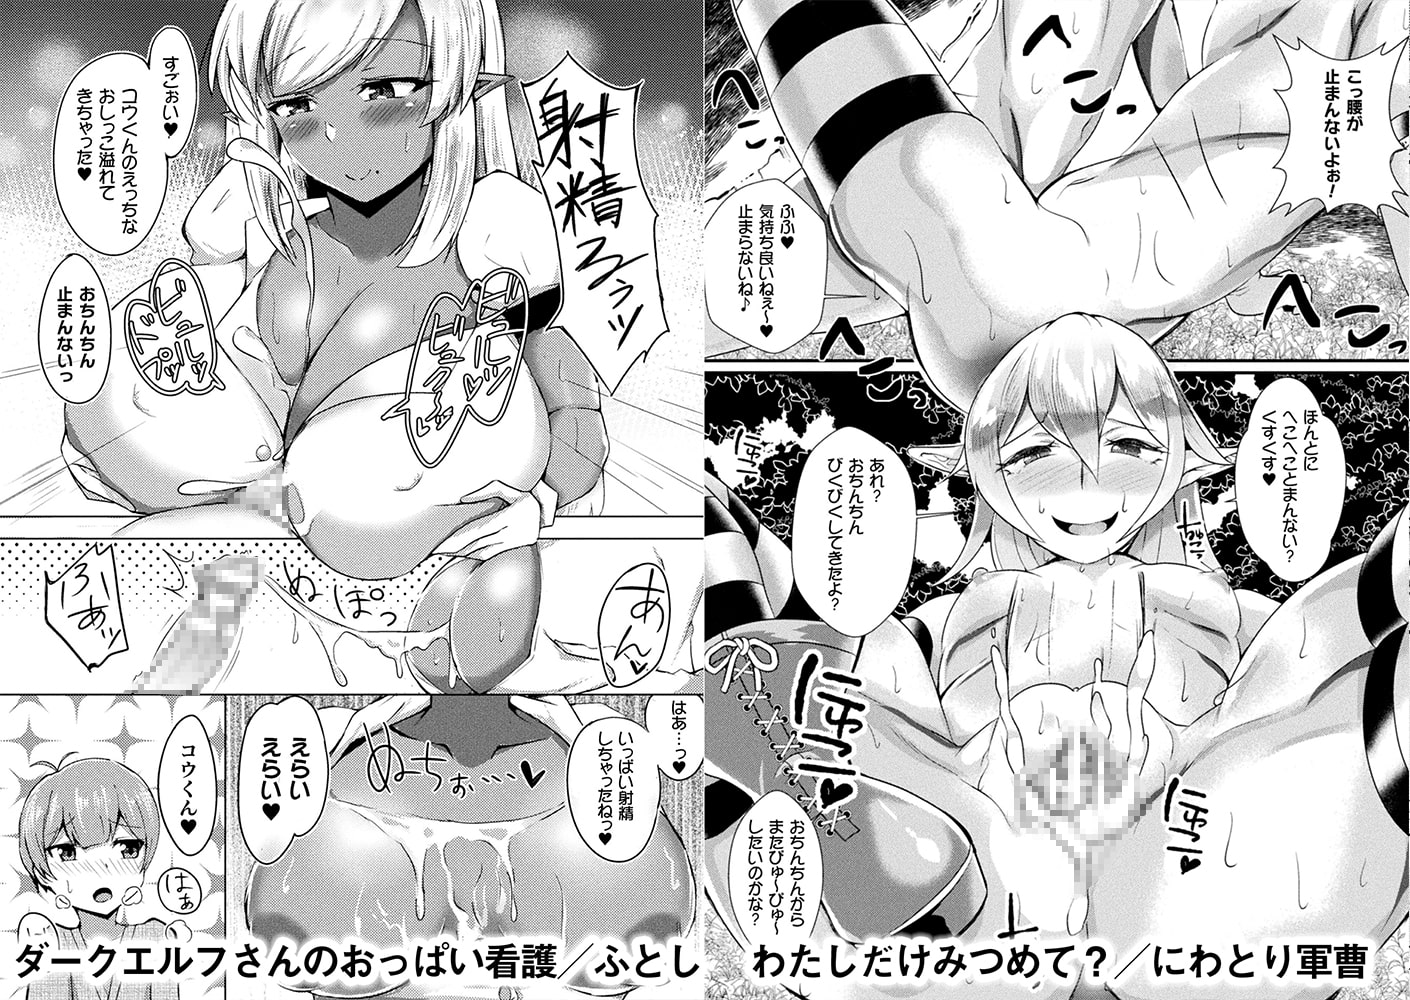 別冊コミックアンリアル 人外お姉さんによる甘やかし搾精編デジタル版Vol.2